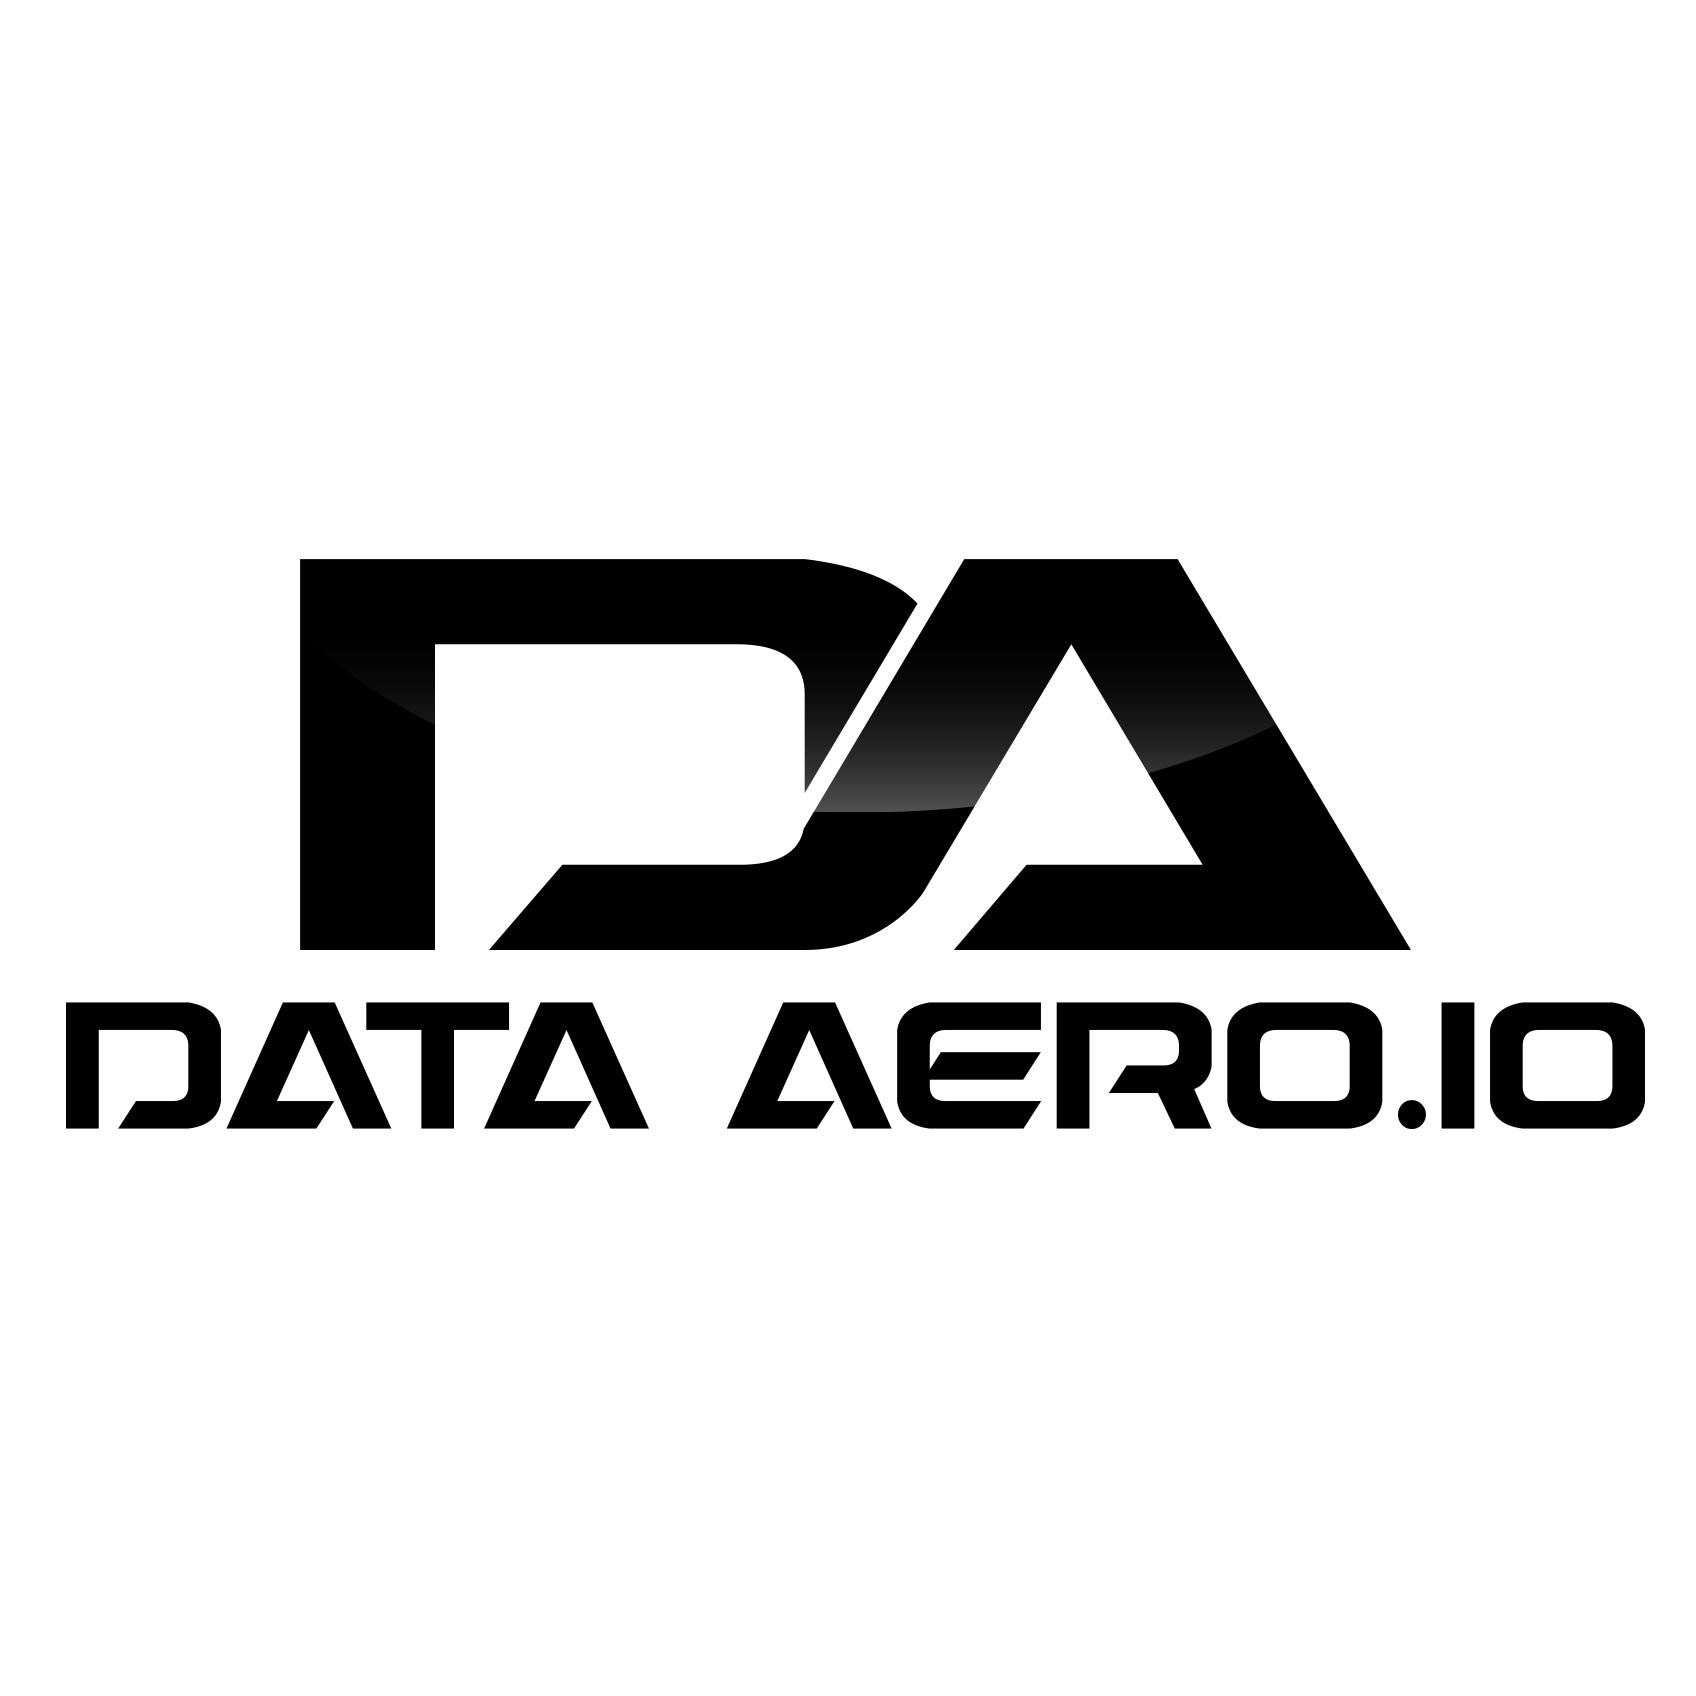 dd3654e871c Directory Search Results